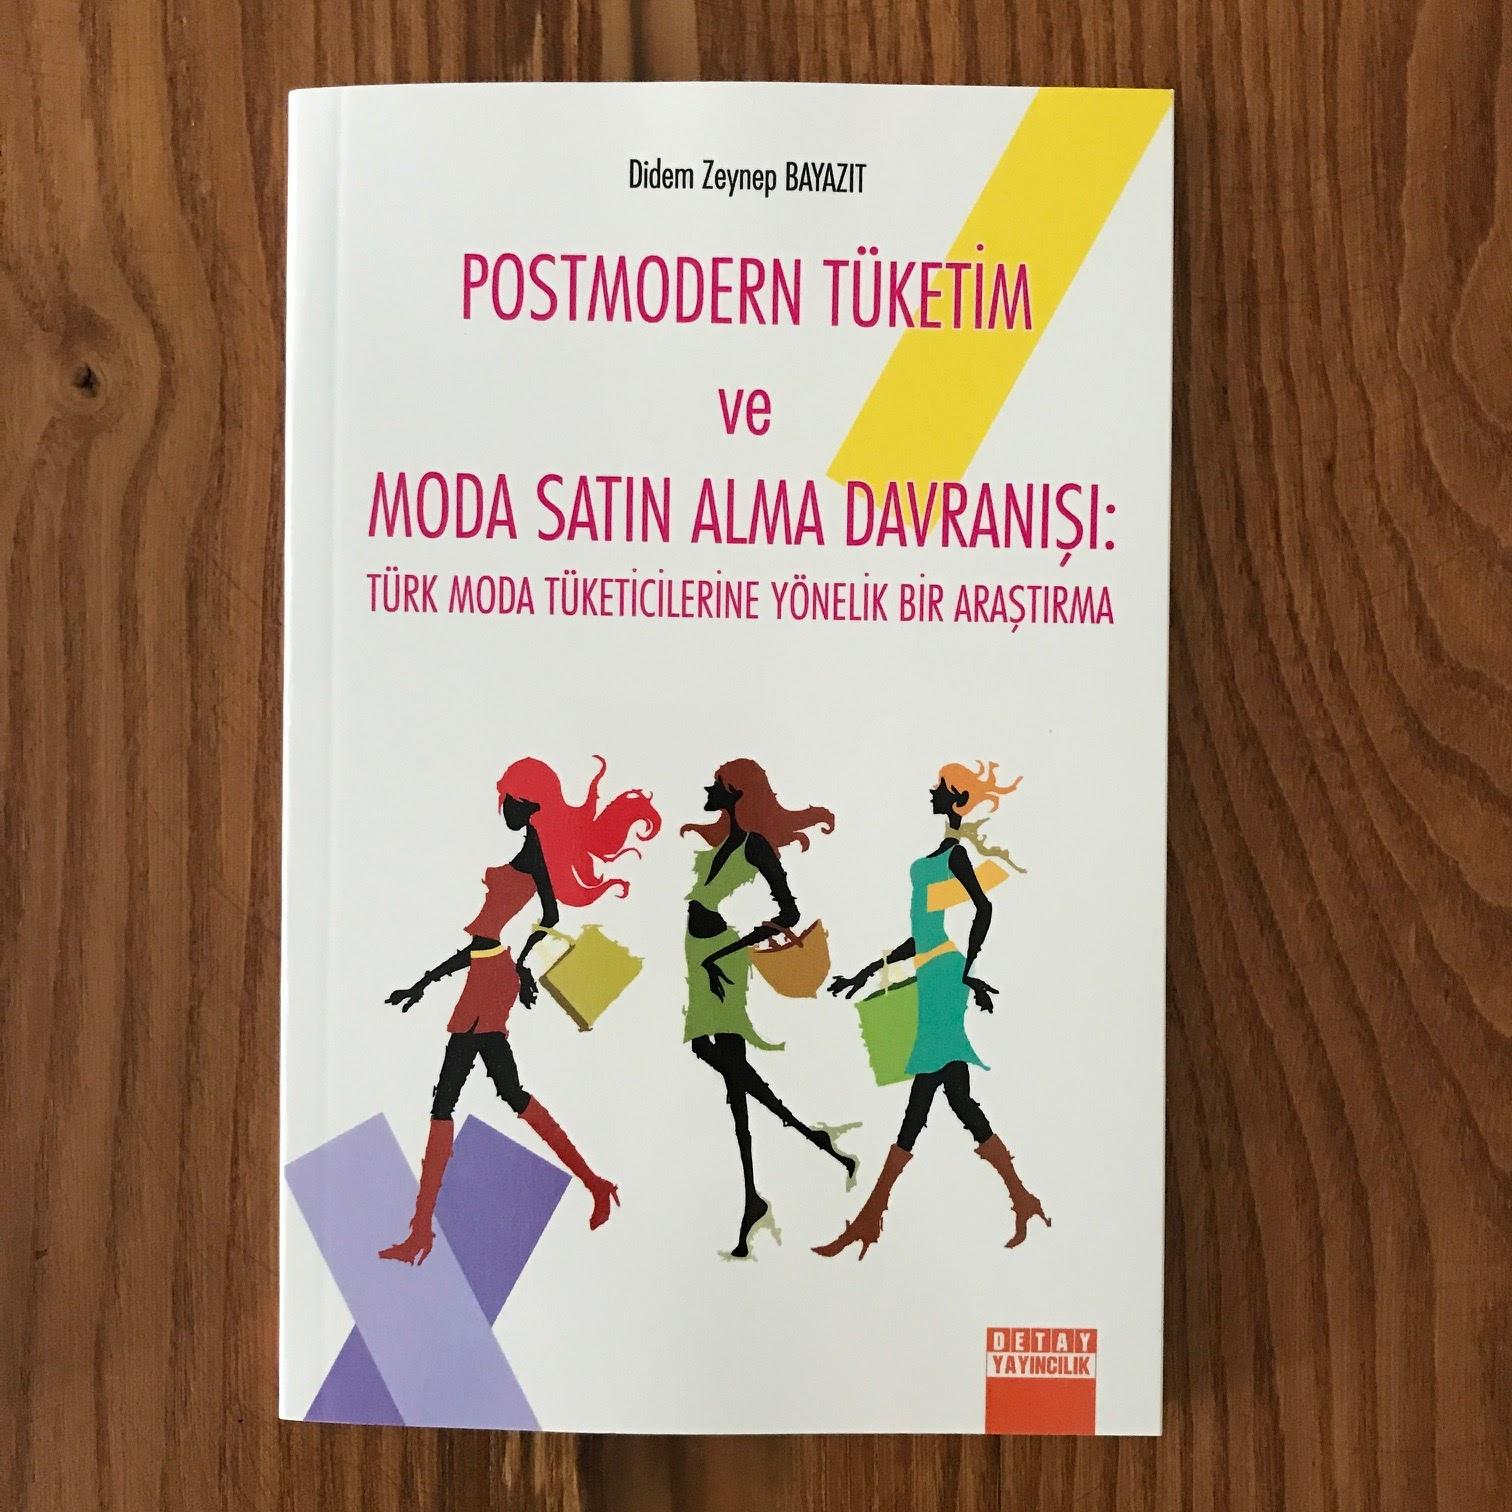 Postmodern Tuketim ve Moda Satin Alma Davranisi